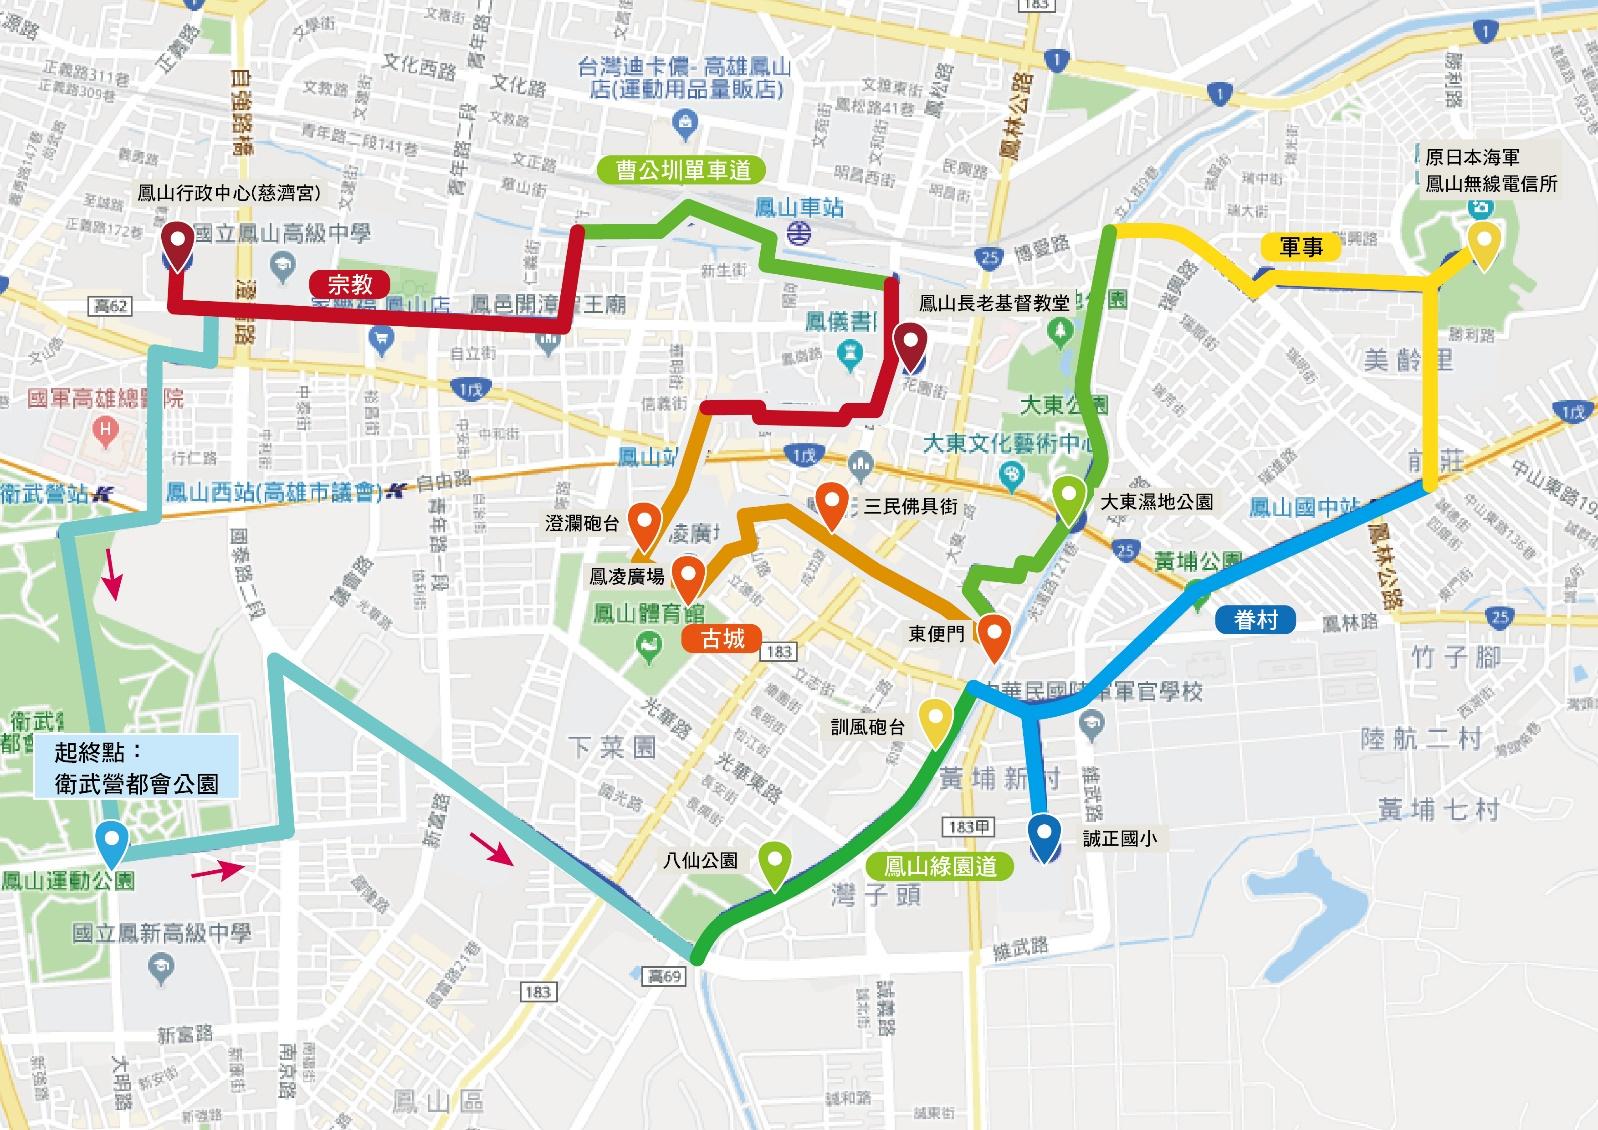 2018高雄乘風而騎map